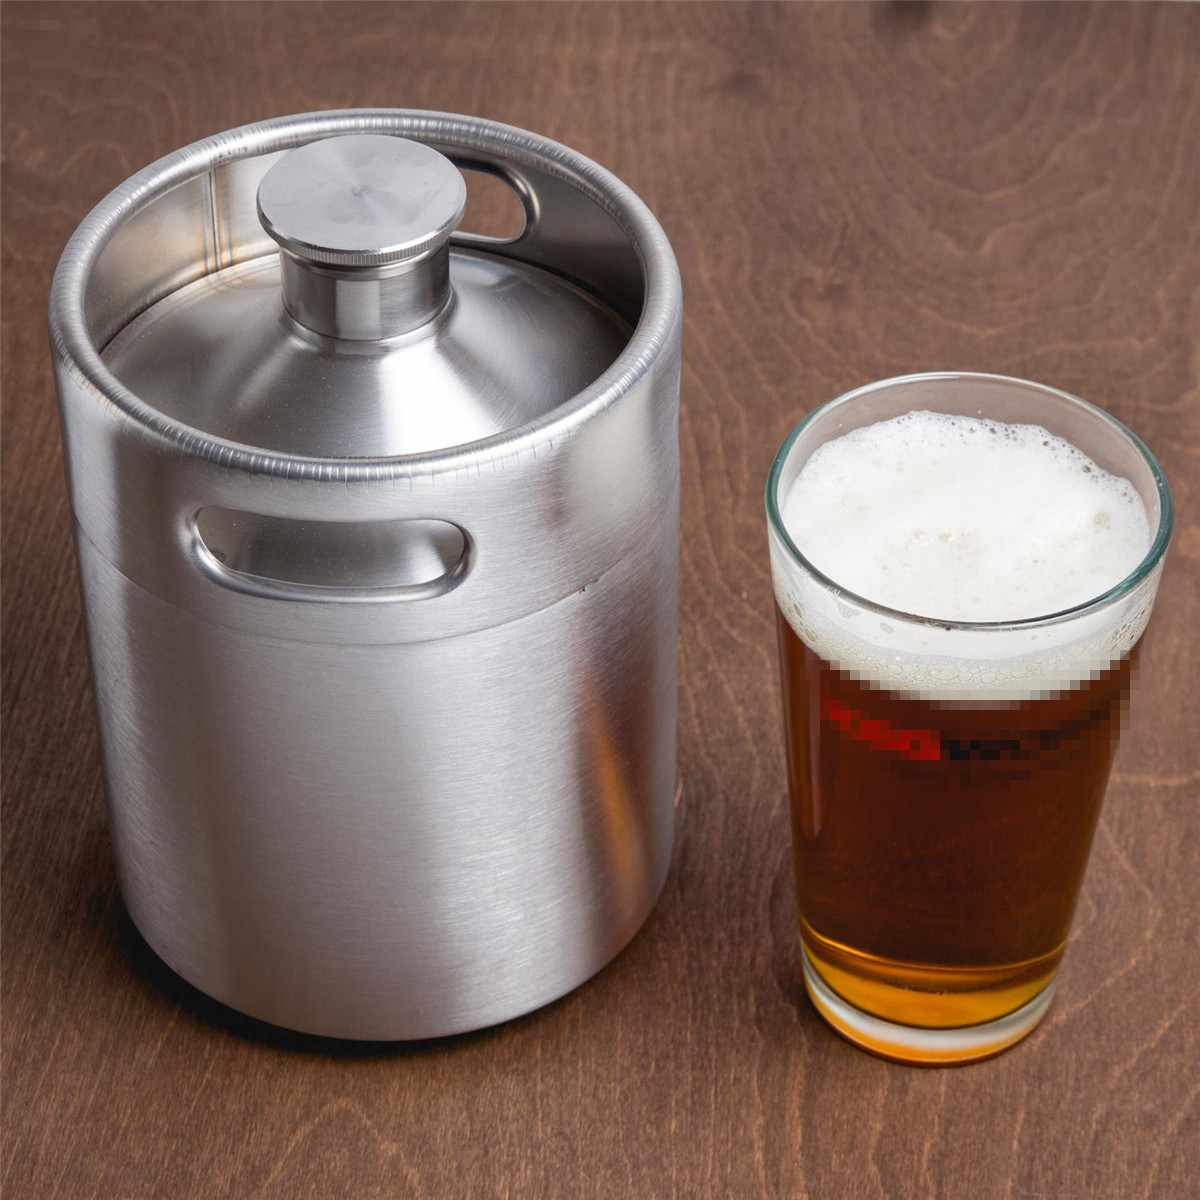 2L 304 in Acciaio Inox Mini Barilotto di Birra Growler Pressurizzato Bottiglia di Birra Birra a Casa Vino di Frutta Strumento di Creazione di Attrezzature Birra a Casa pub